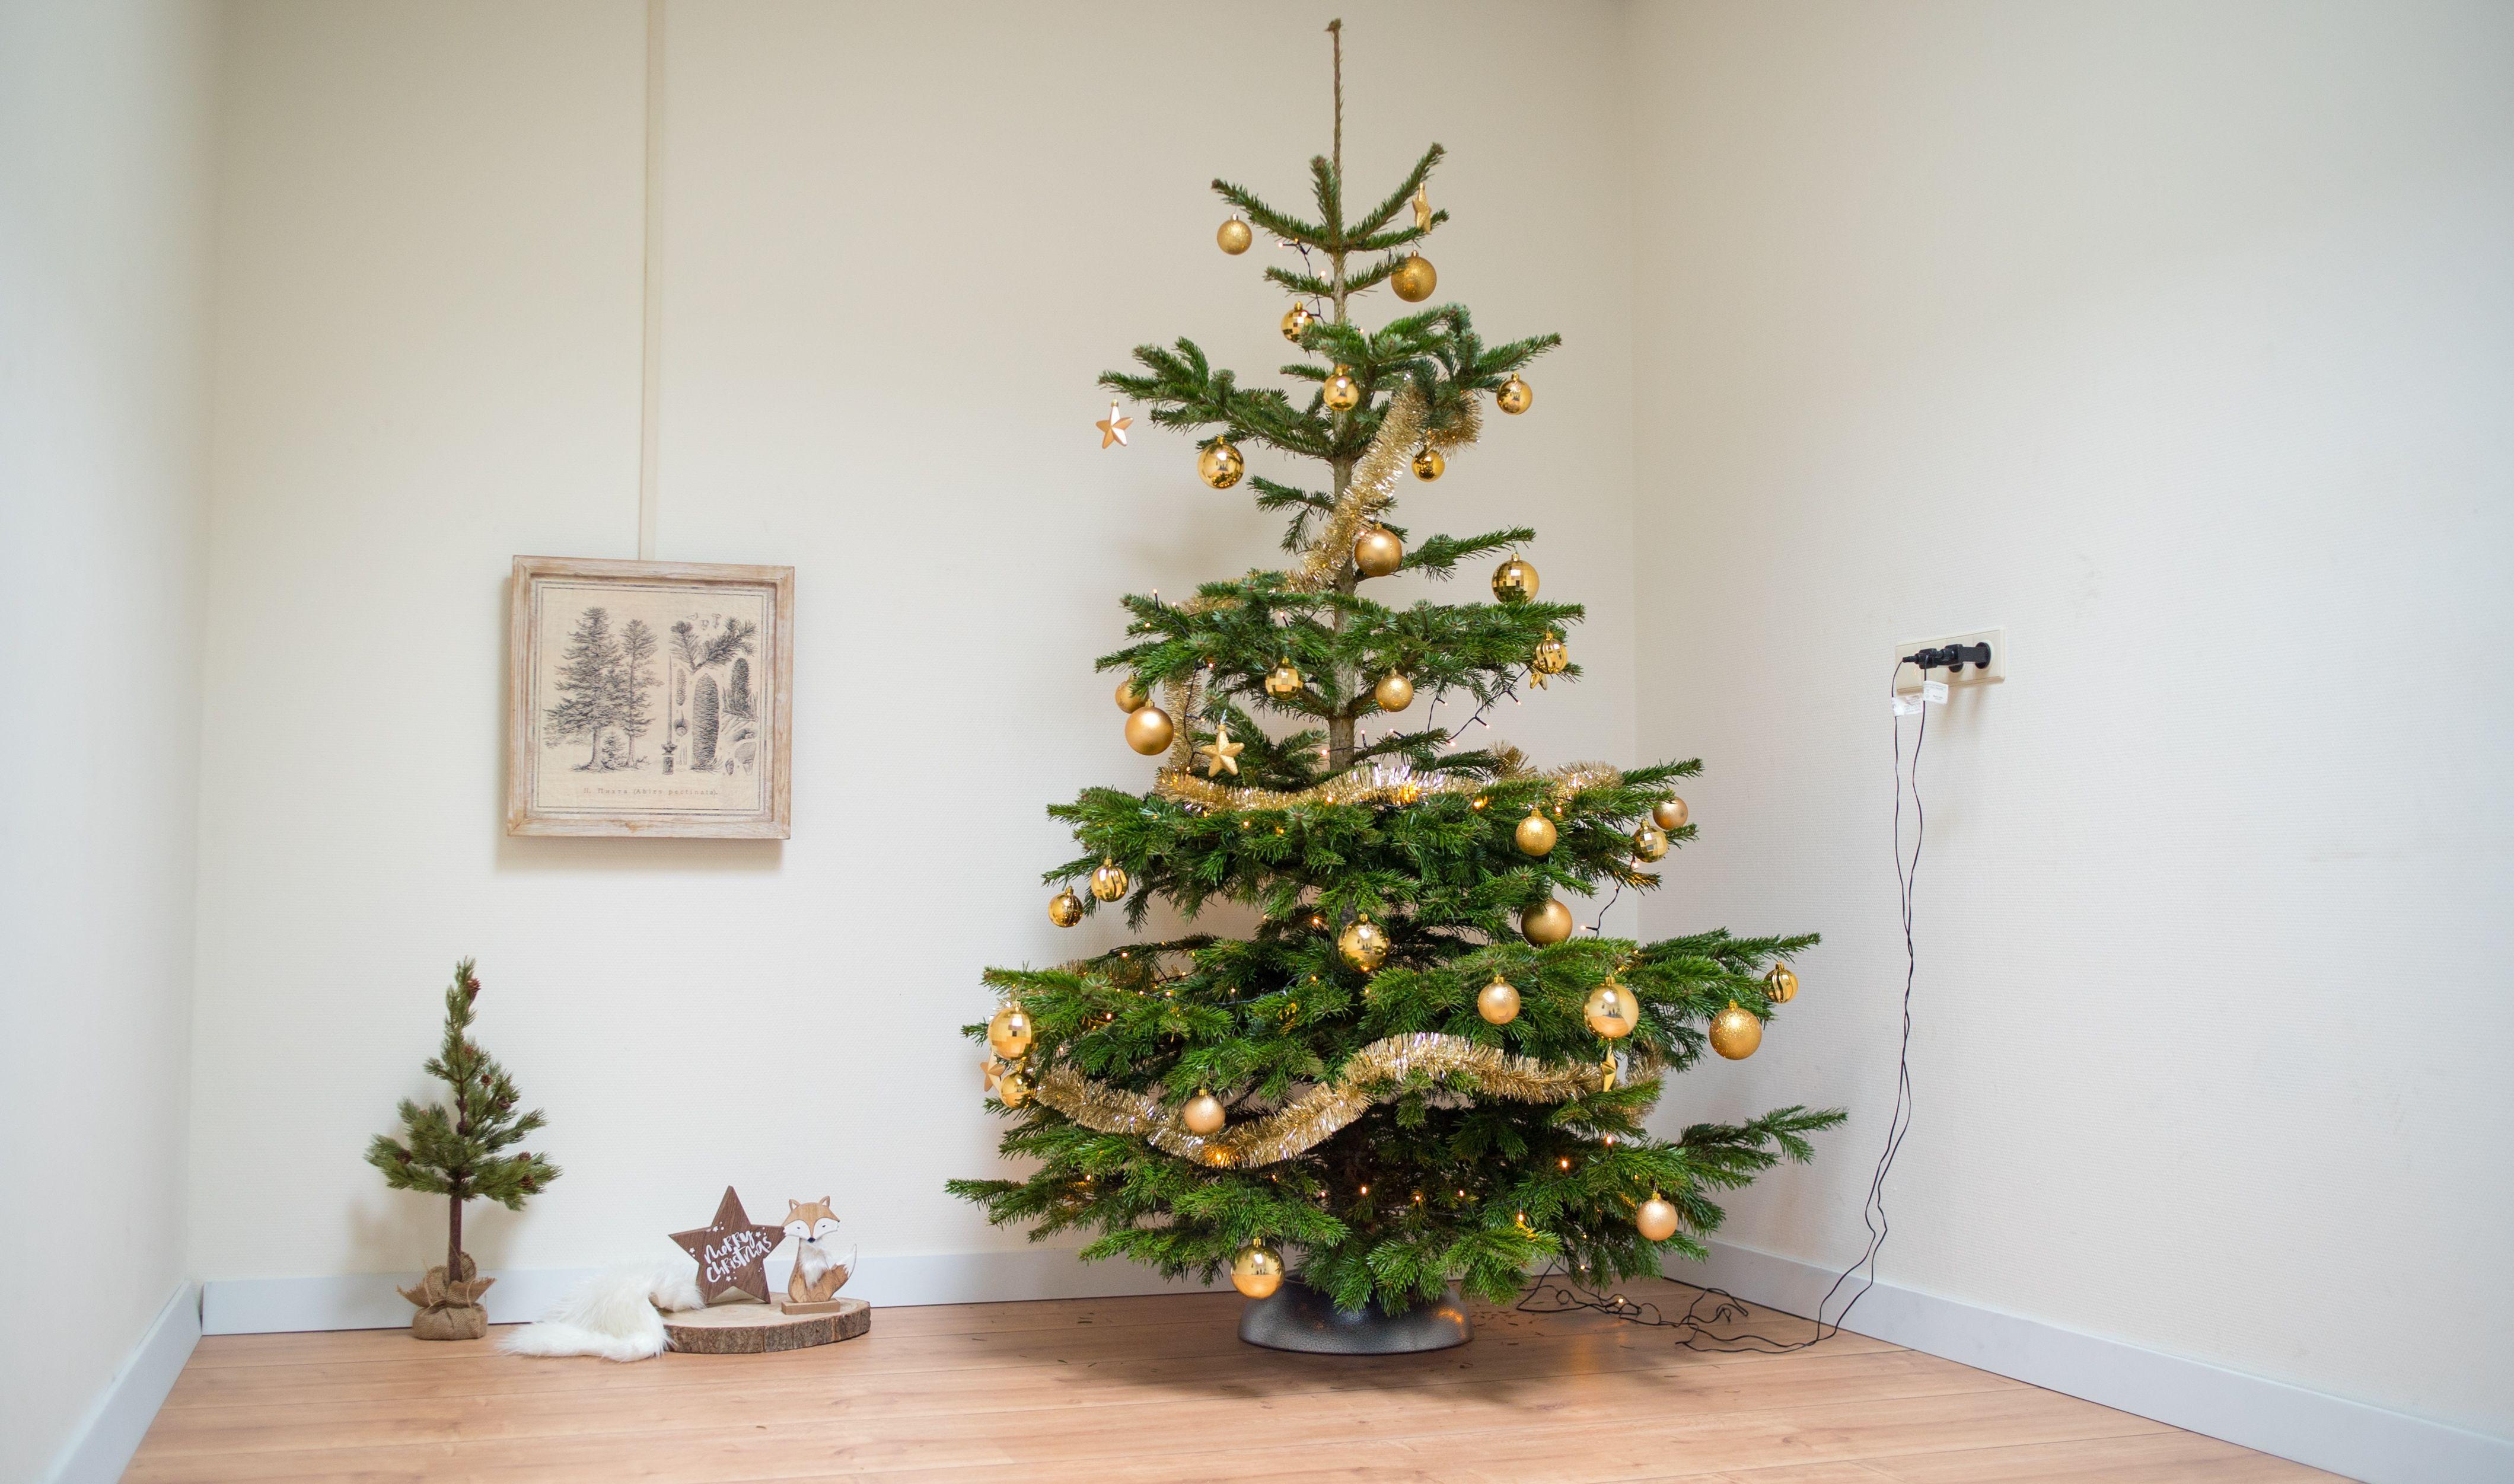 Echte Nordman Kerstboom Met Gouden Versiering Kerstboom Versieringen Mooie Kerstbomen Kerstboom